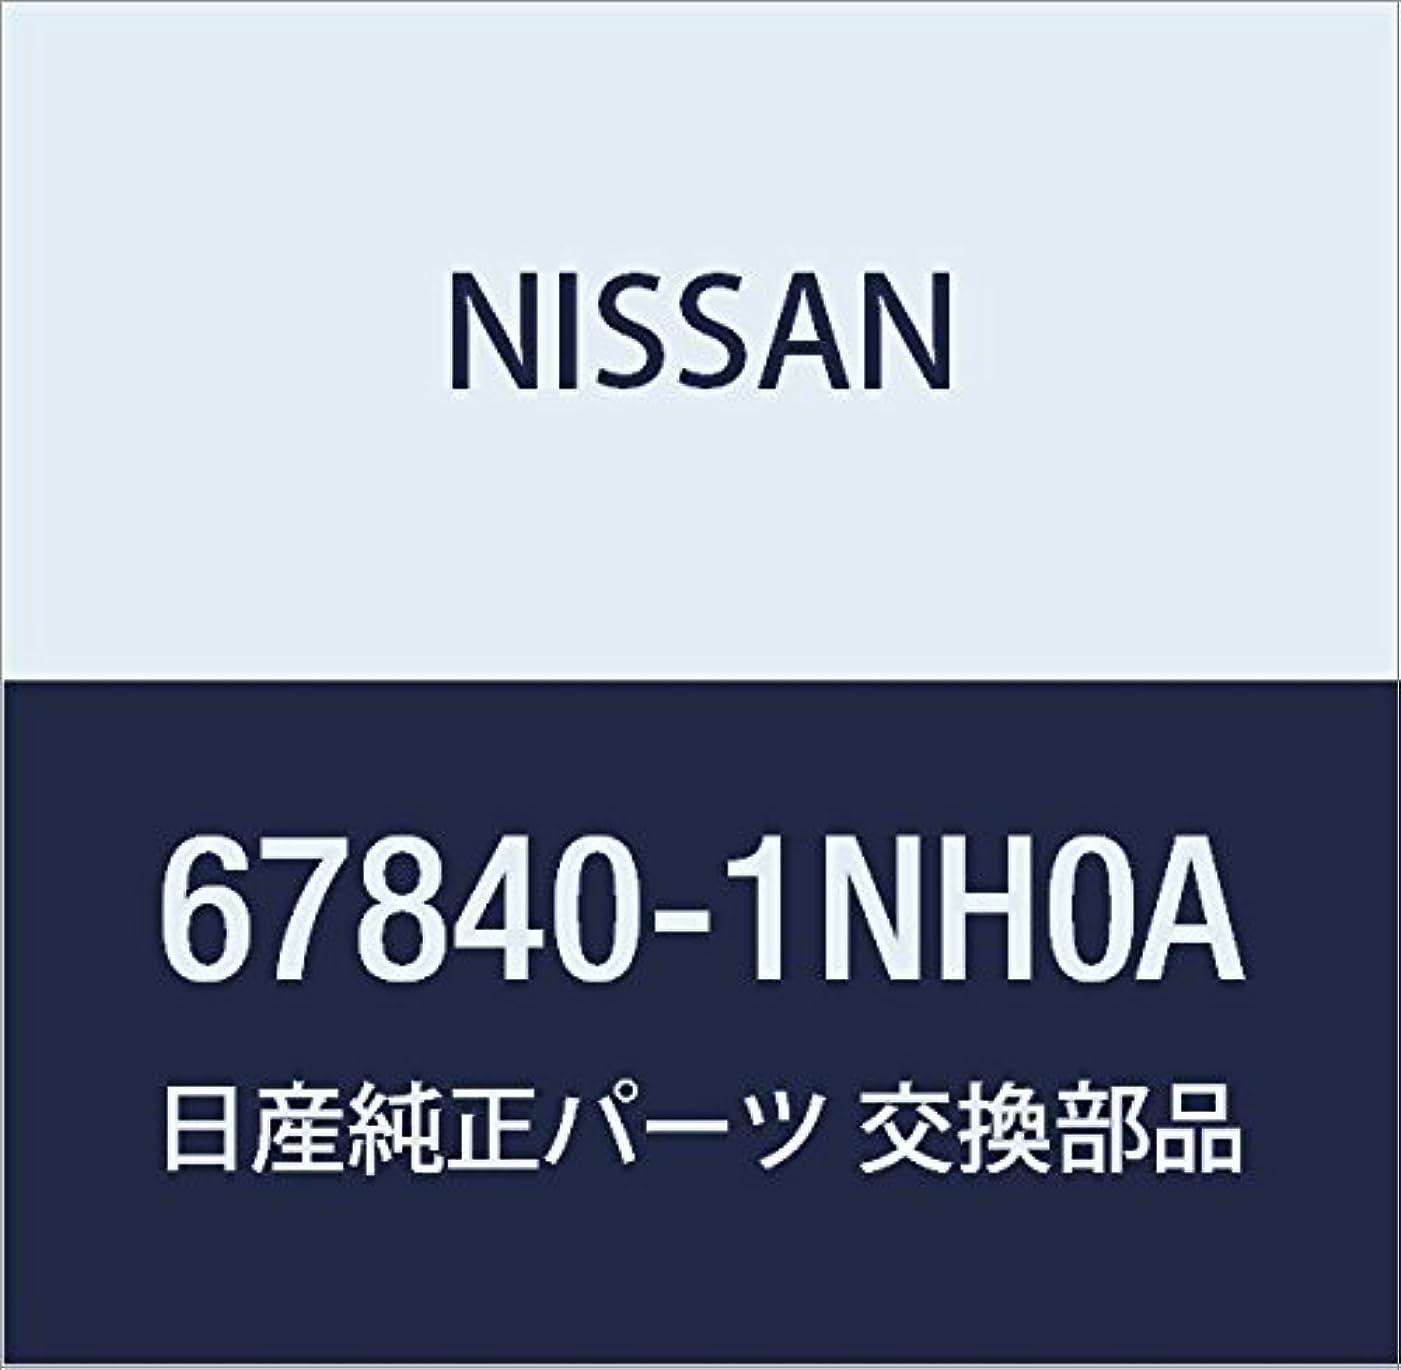 マイルストーンキャリア瞳NISSAN (日産) 純正部品 カバー アンダー エンジン セレナ 品番75890-CY10A